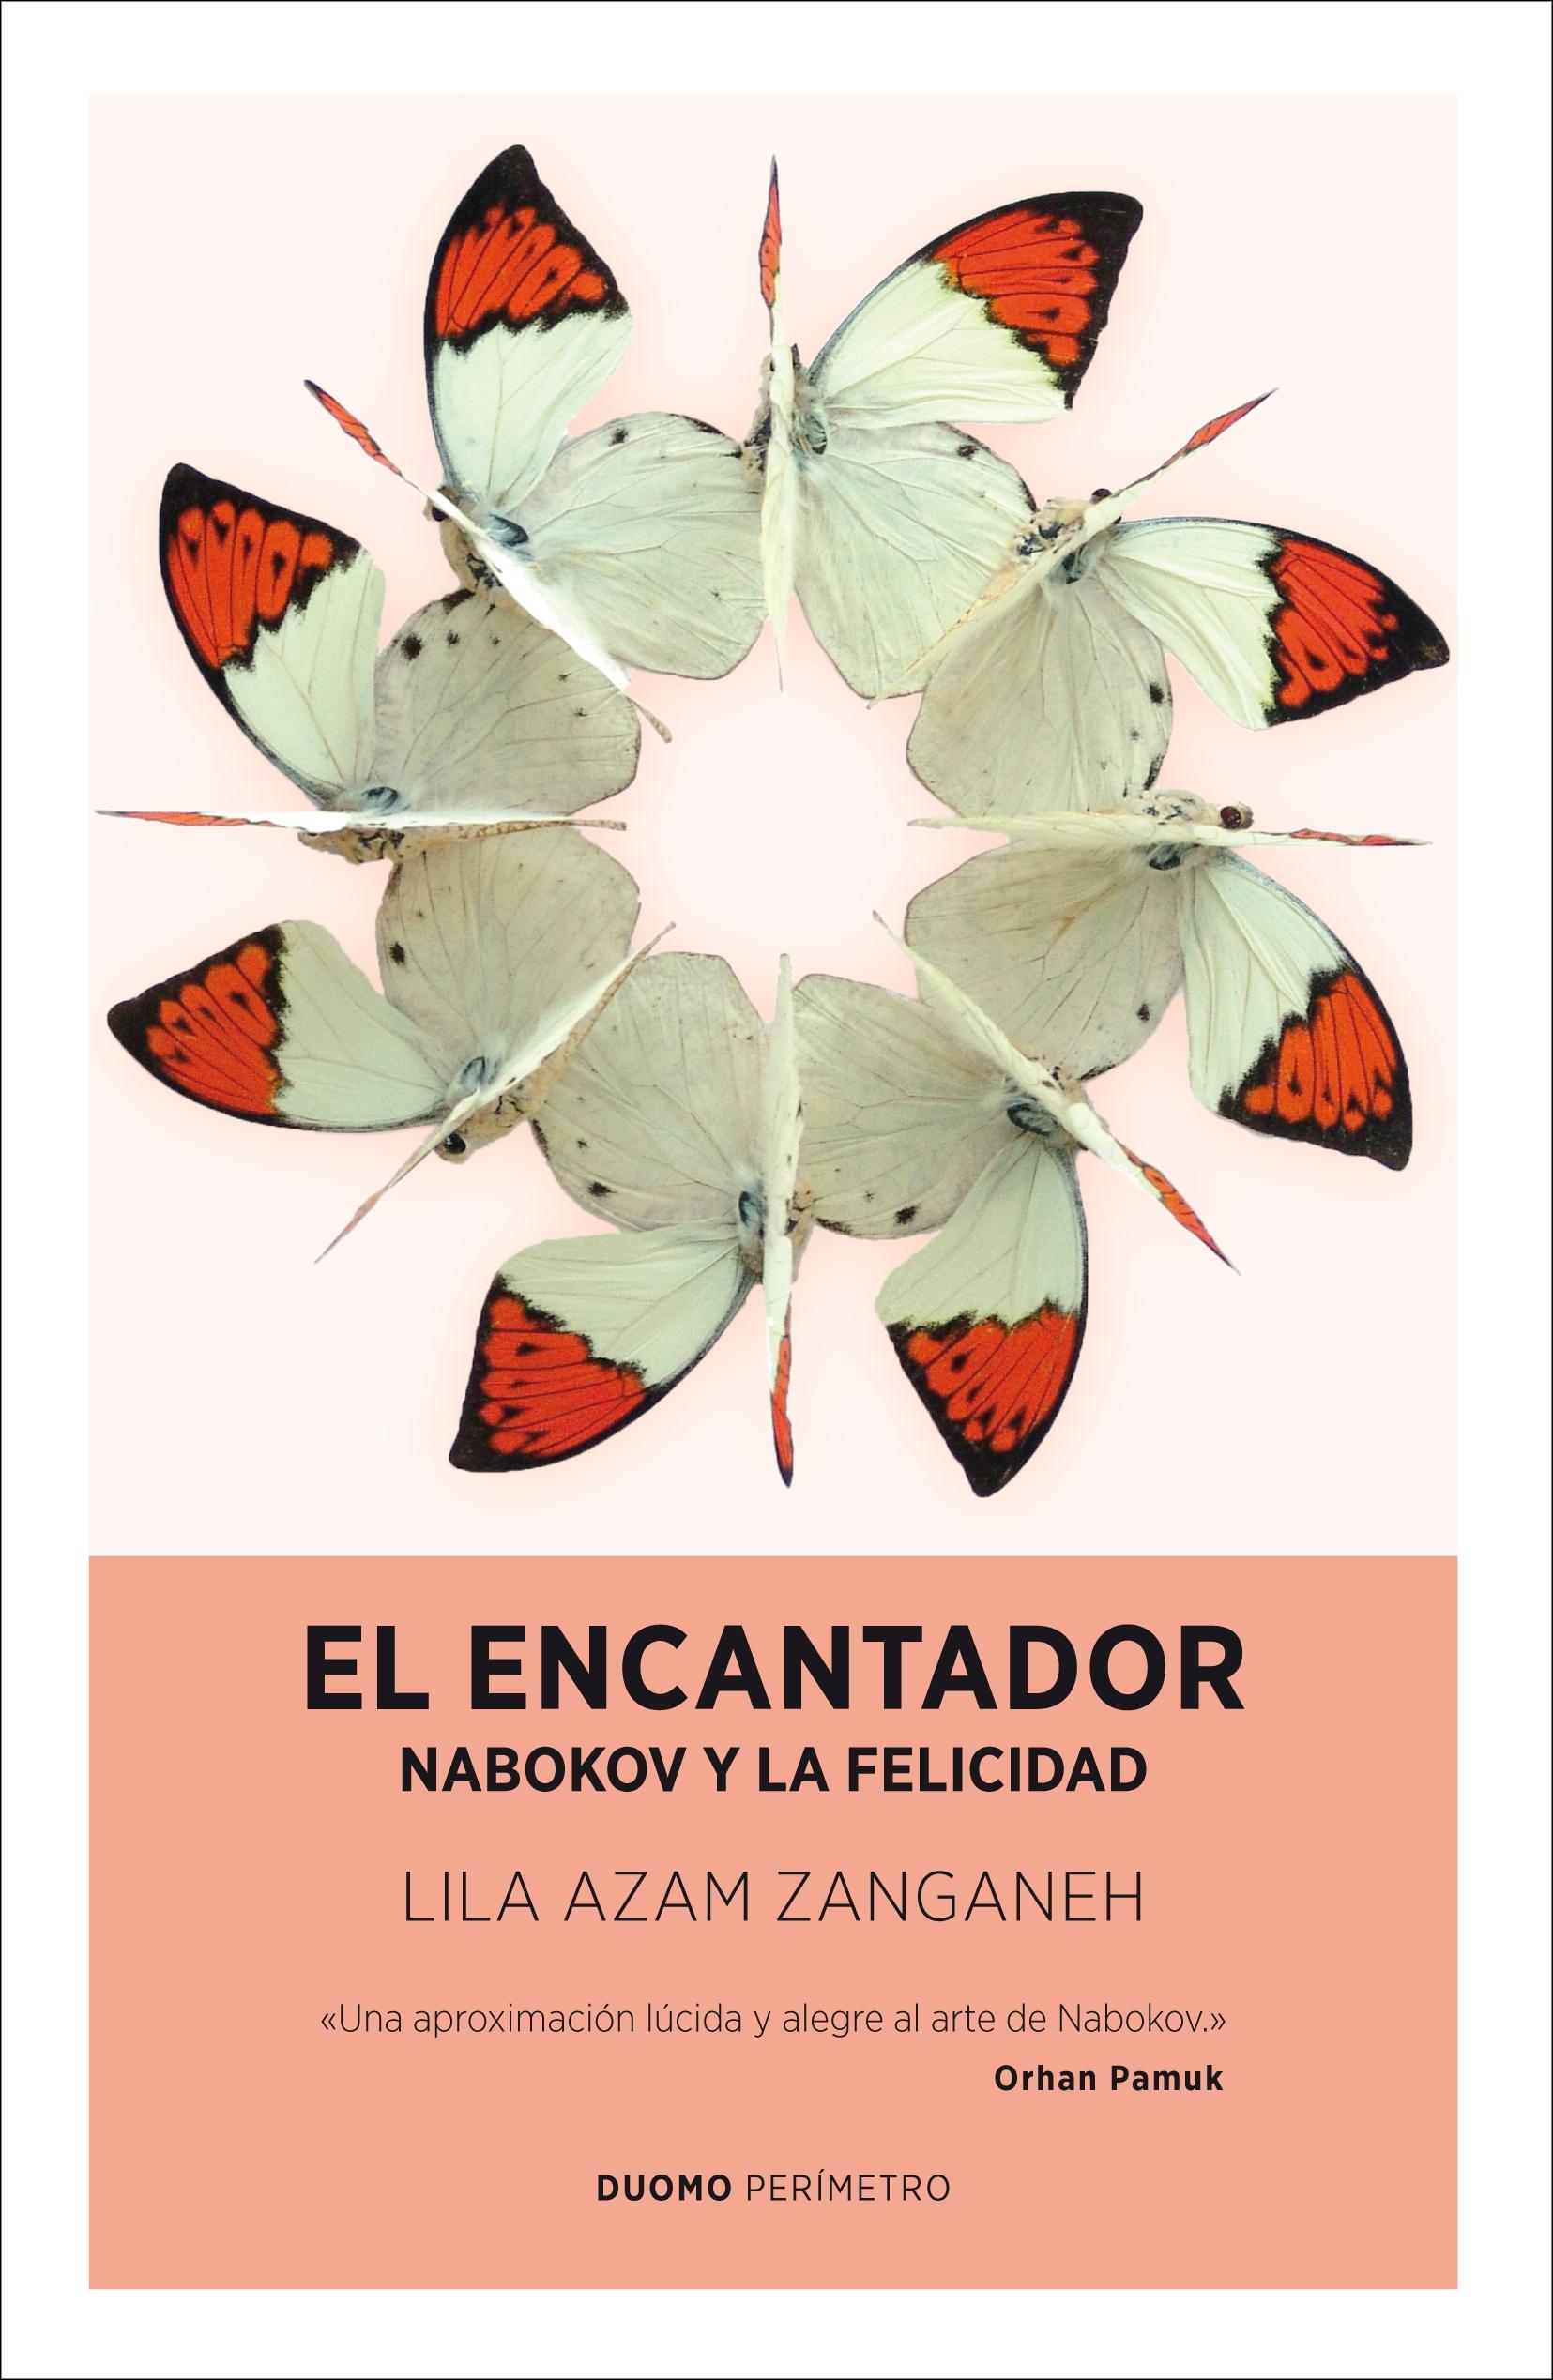 http://www.duomoediciones.com/cont/associatedContent/docsPot/encantador_FRONT.JPG